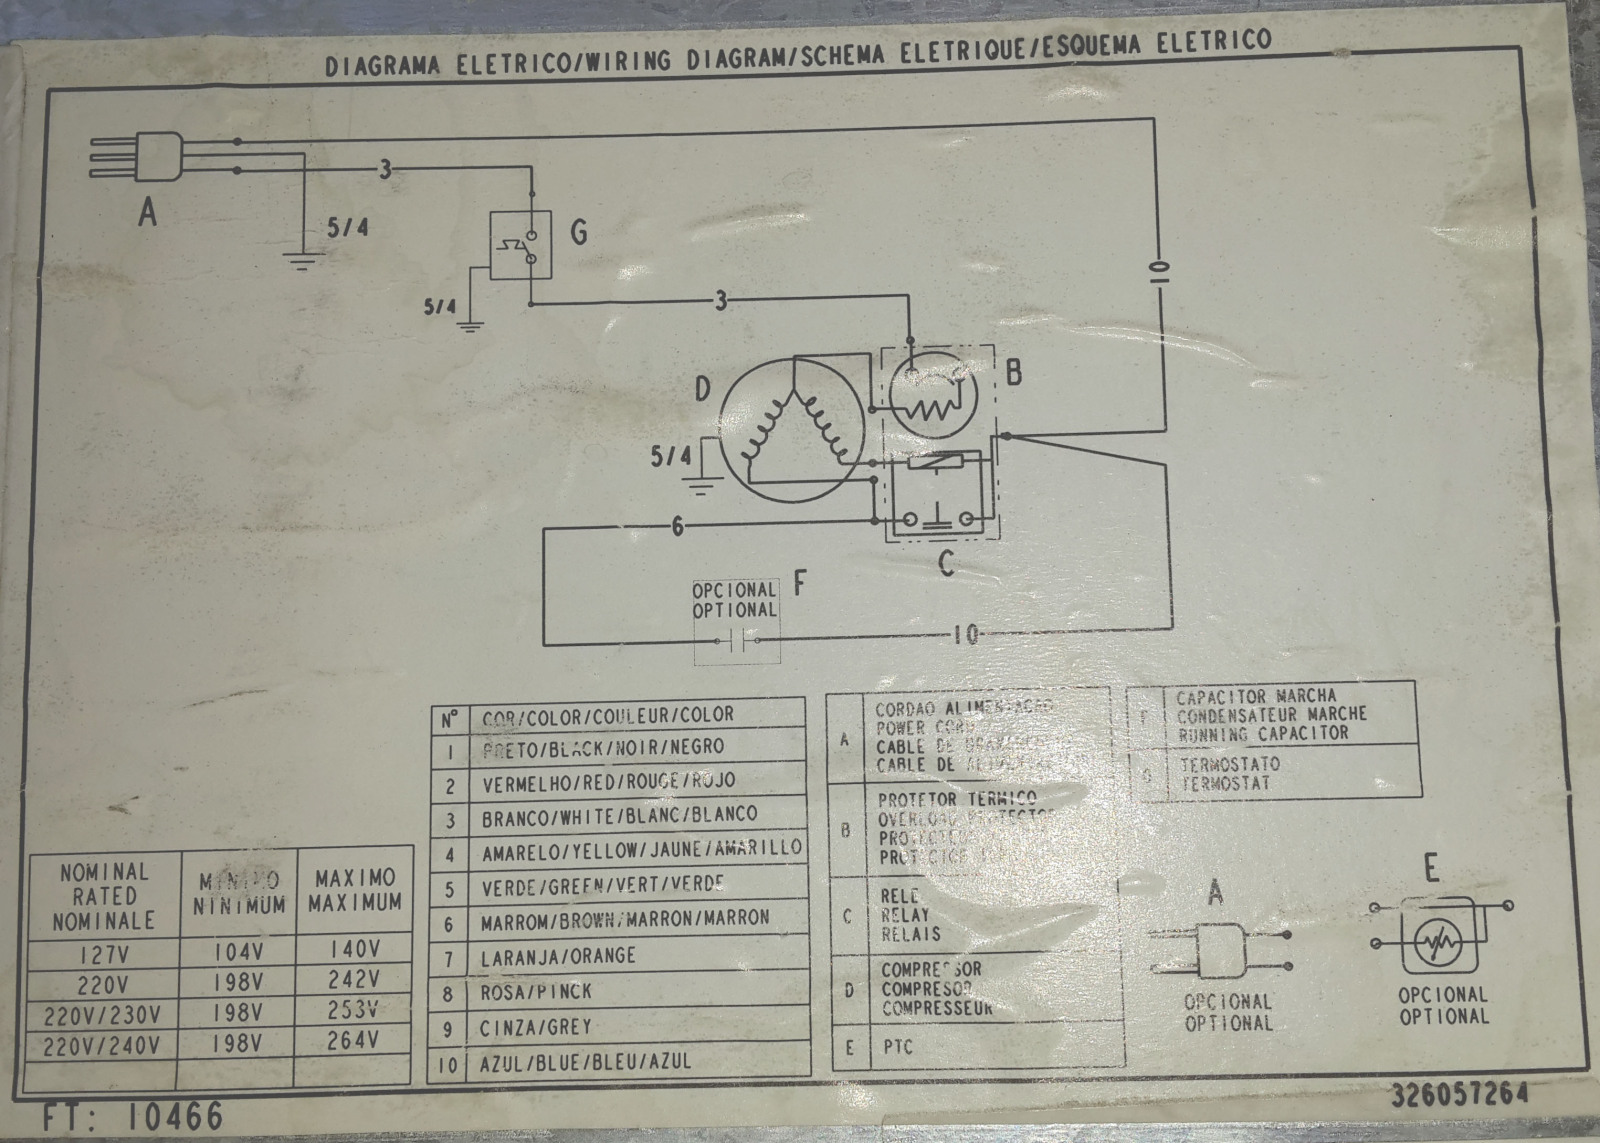 Heladera con capacitor solucionado Ridvrp